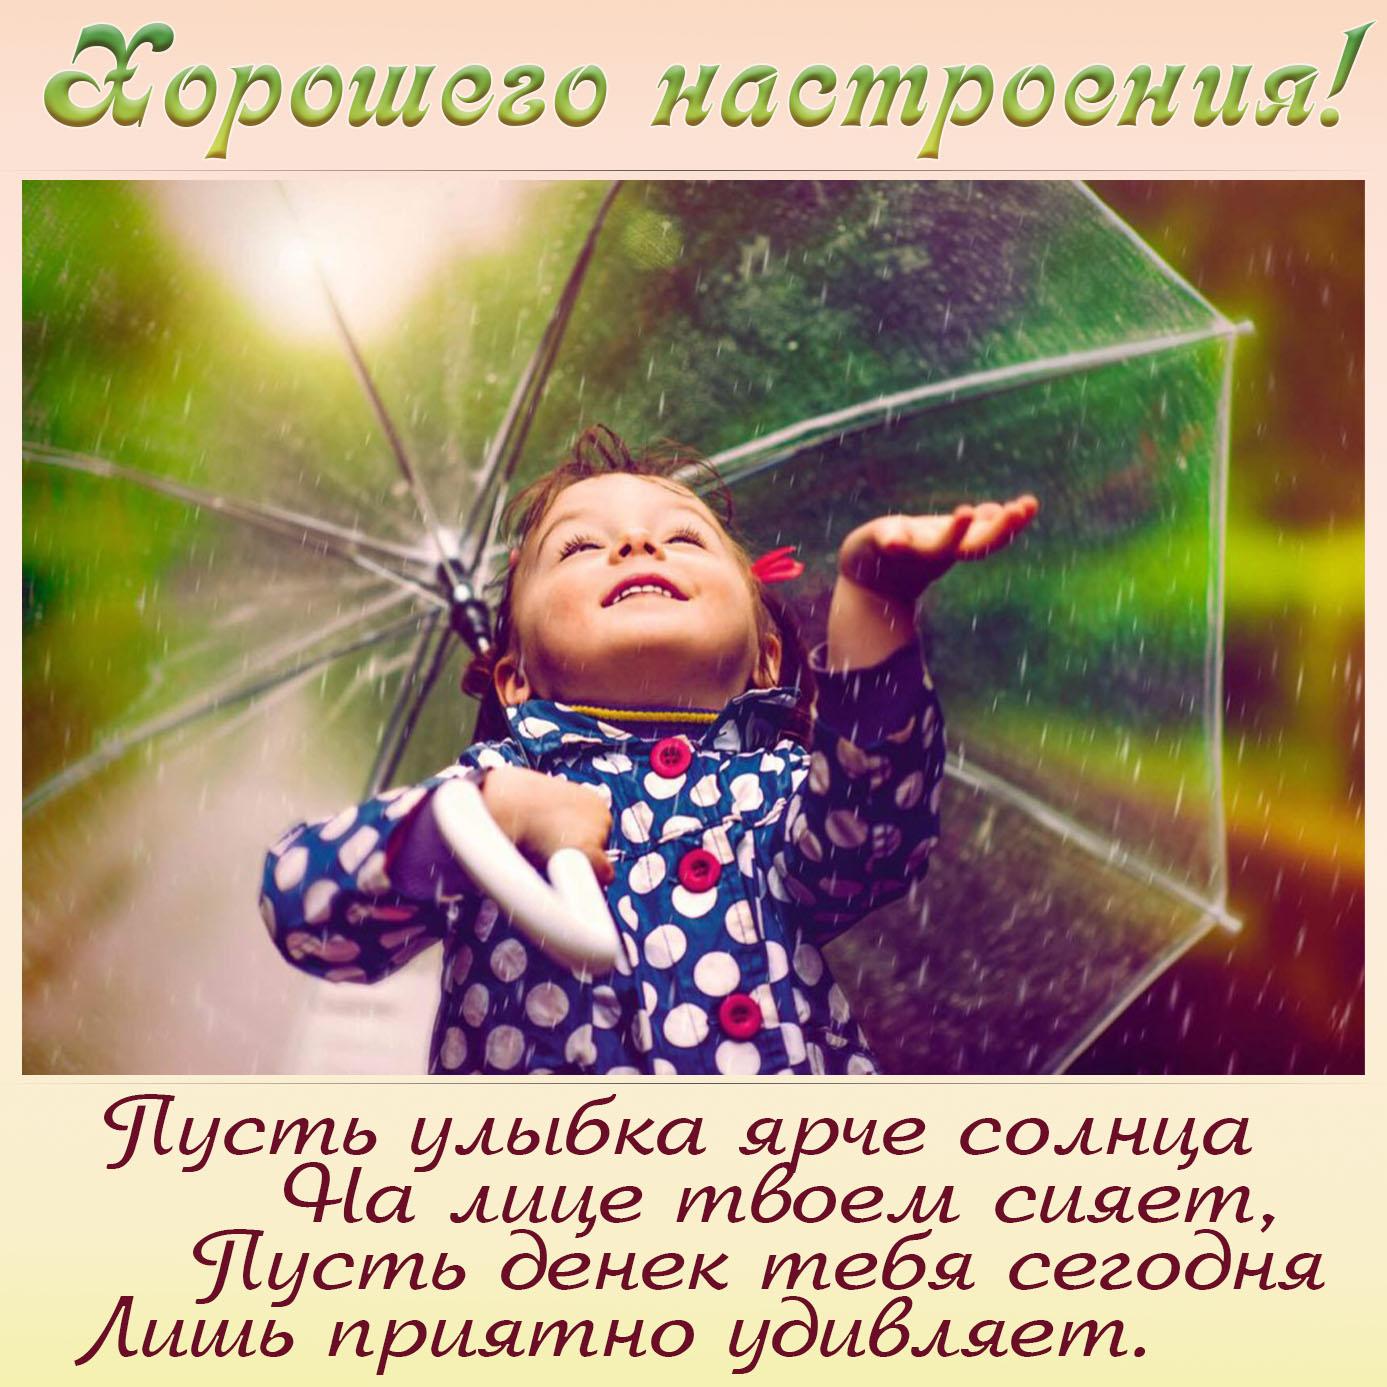 Девочка под зонтом желает хорошего настроения